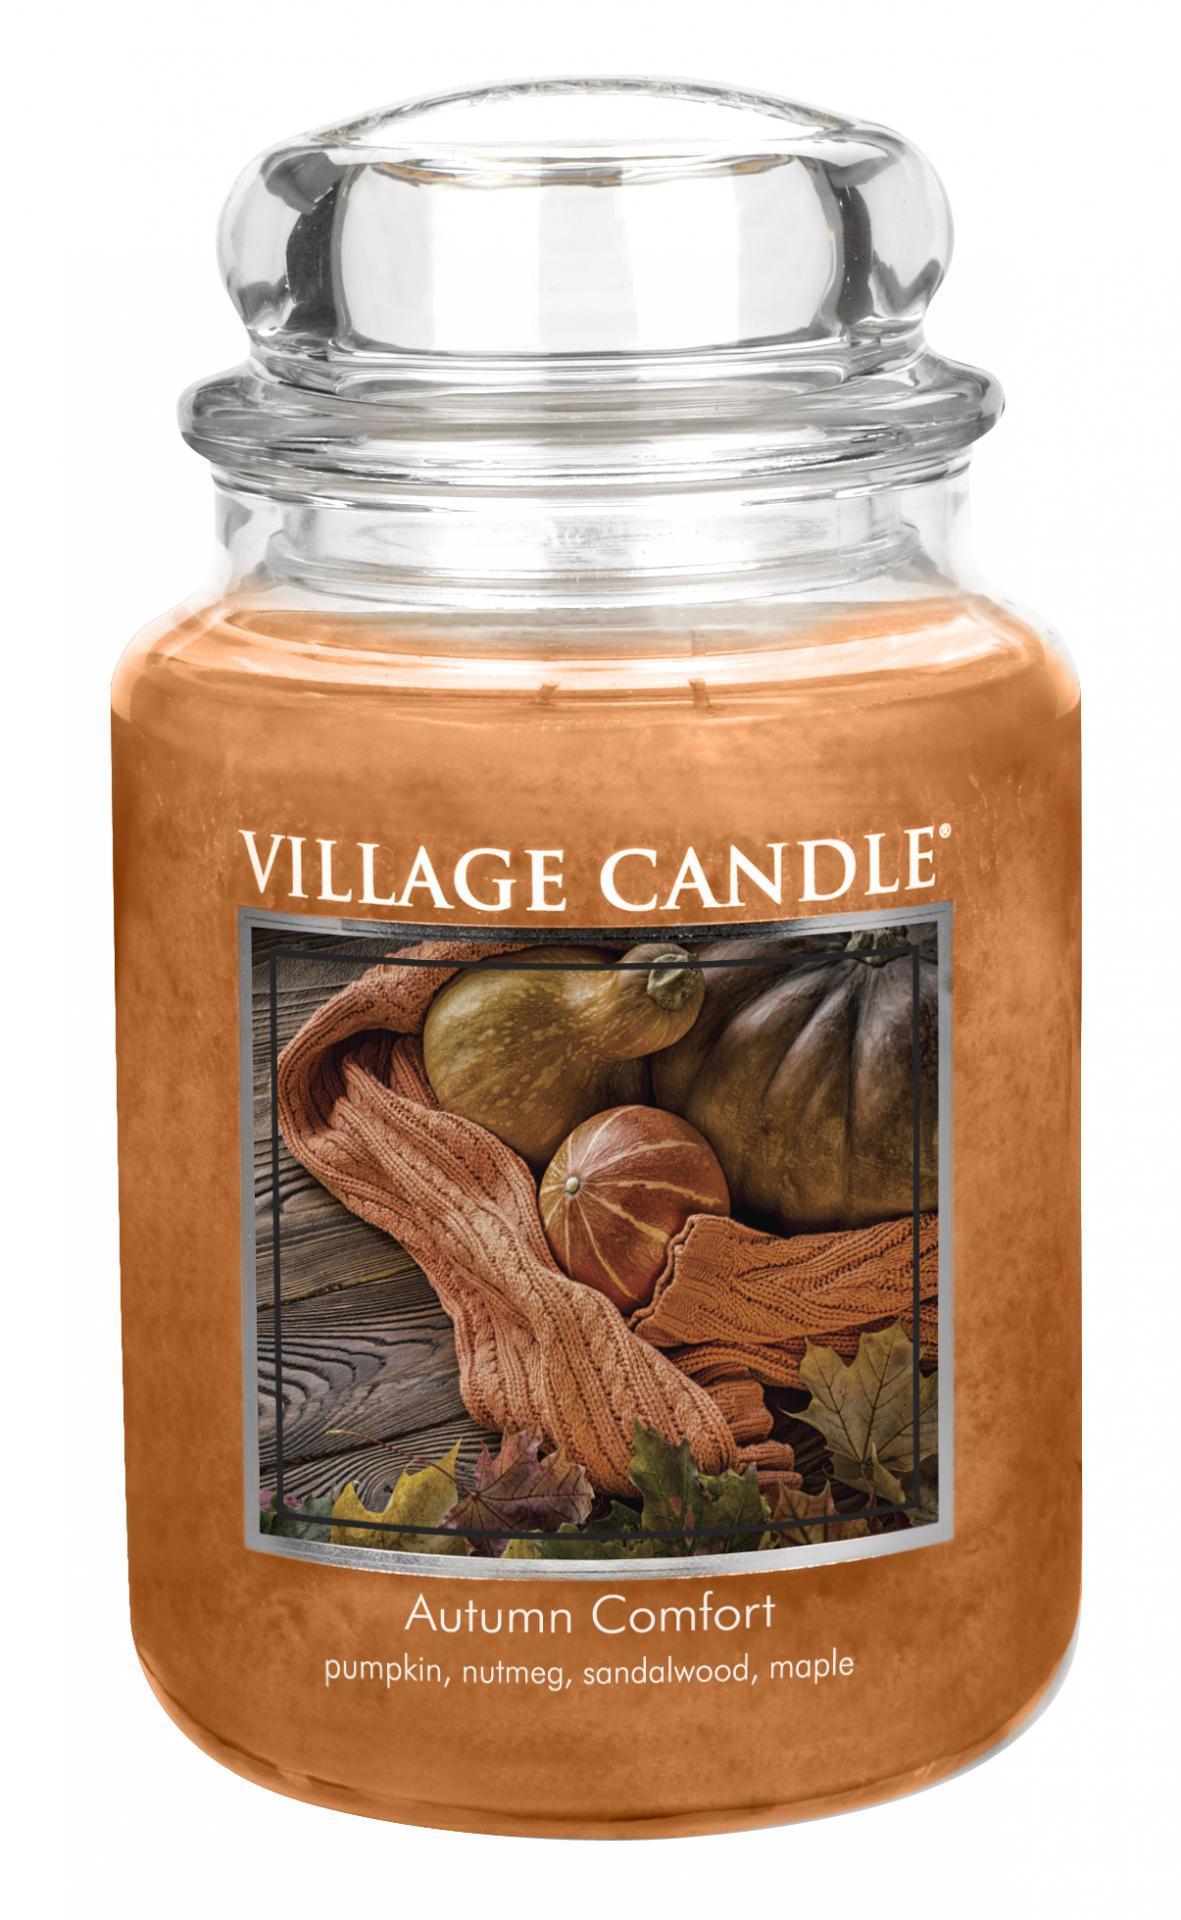 VILLAGE CANDLE Svíčka ve skle Autumn Comfort - velká, oranžová barva, hnědá barva, sklo, vosk